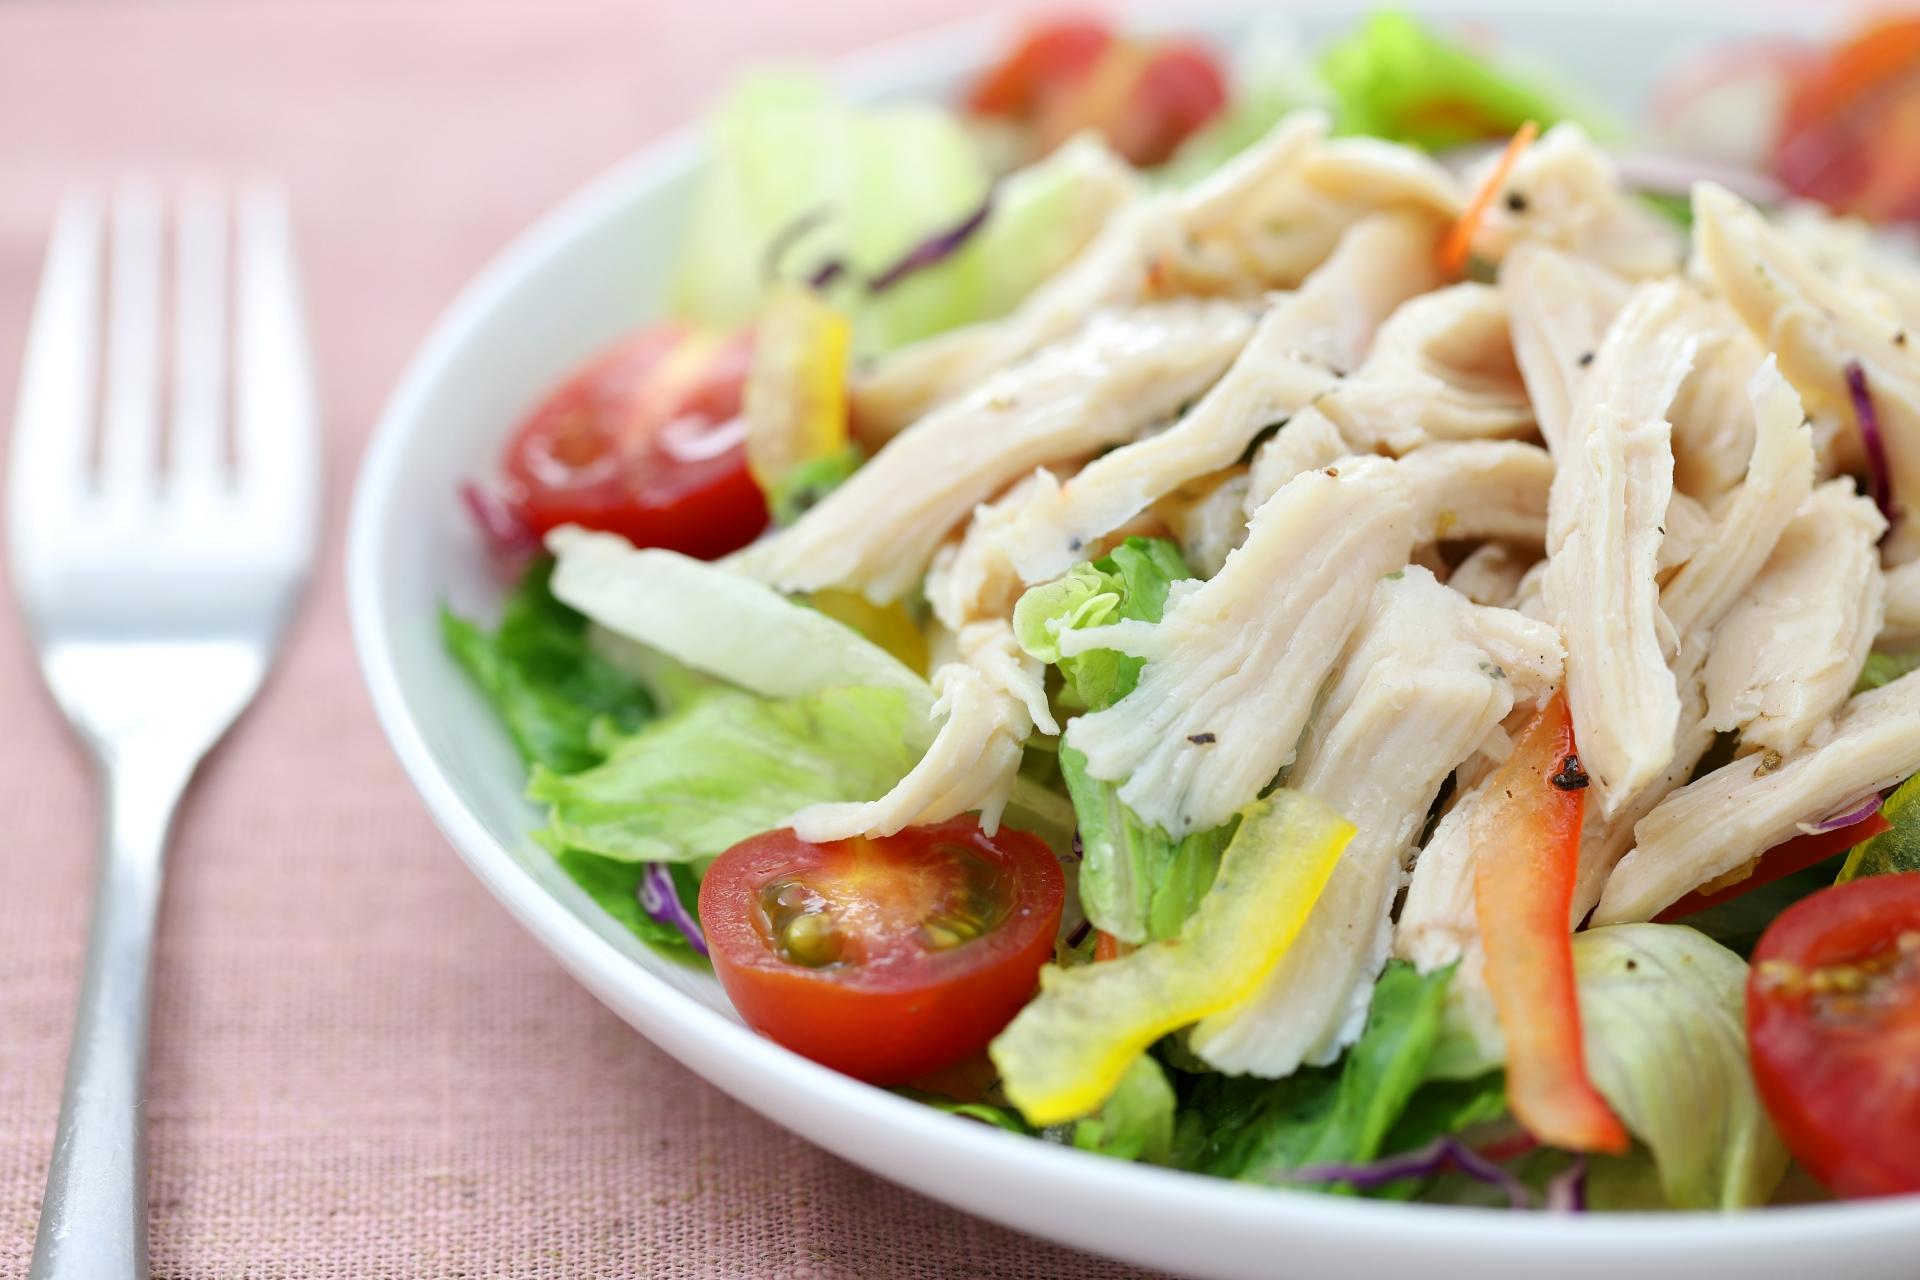 セブンイレブンのサラダチキンがおすすめ!種類やおすすめの食べ方紹介!